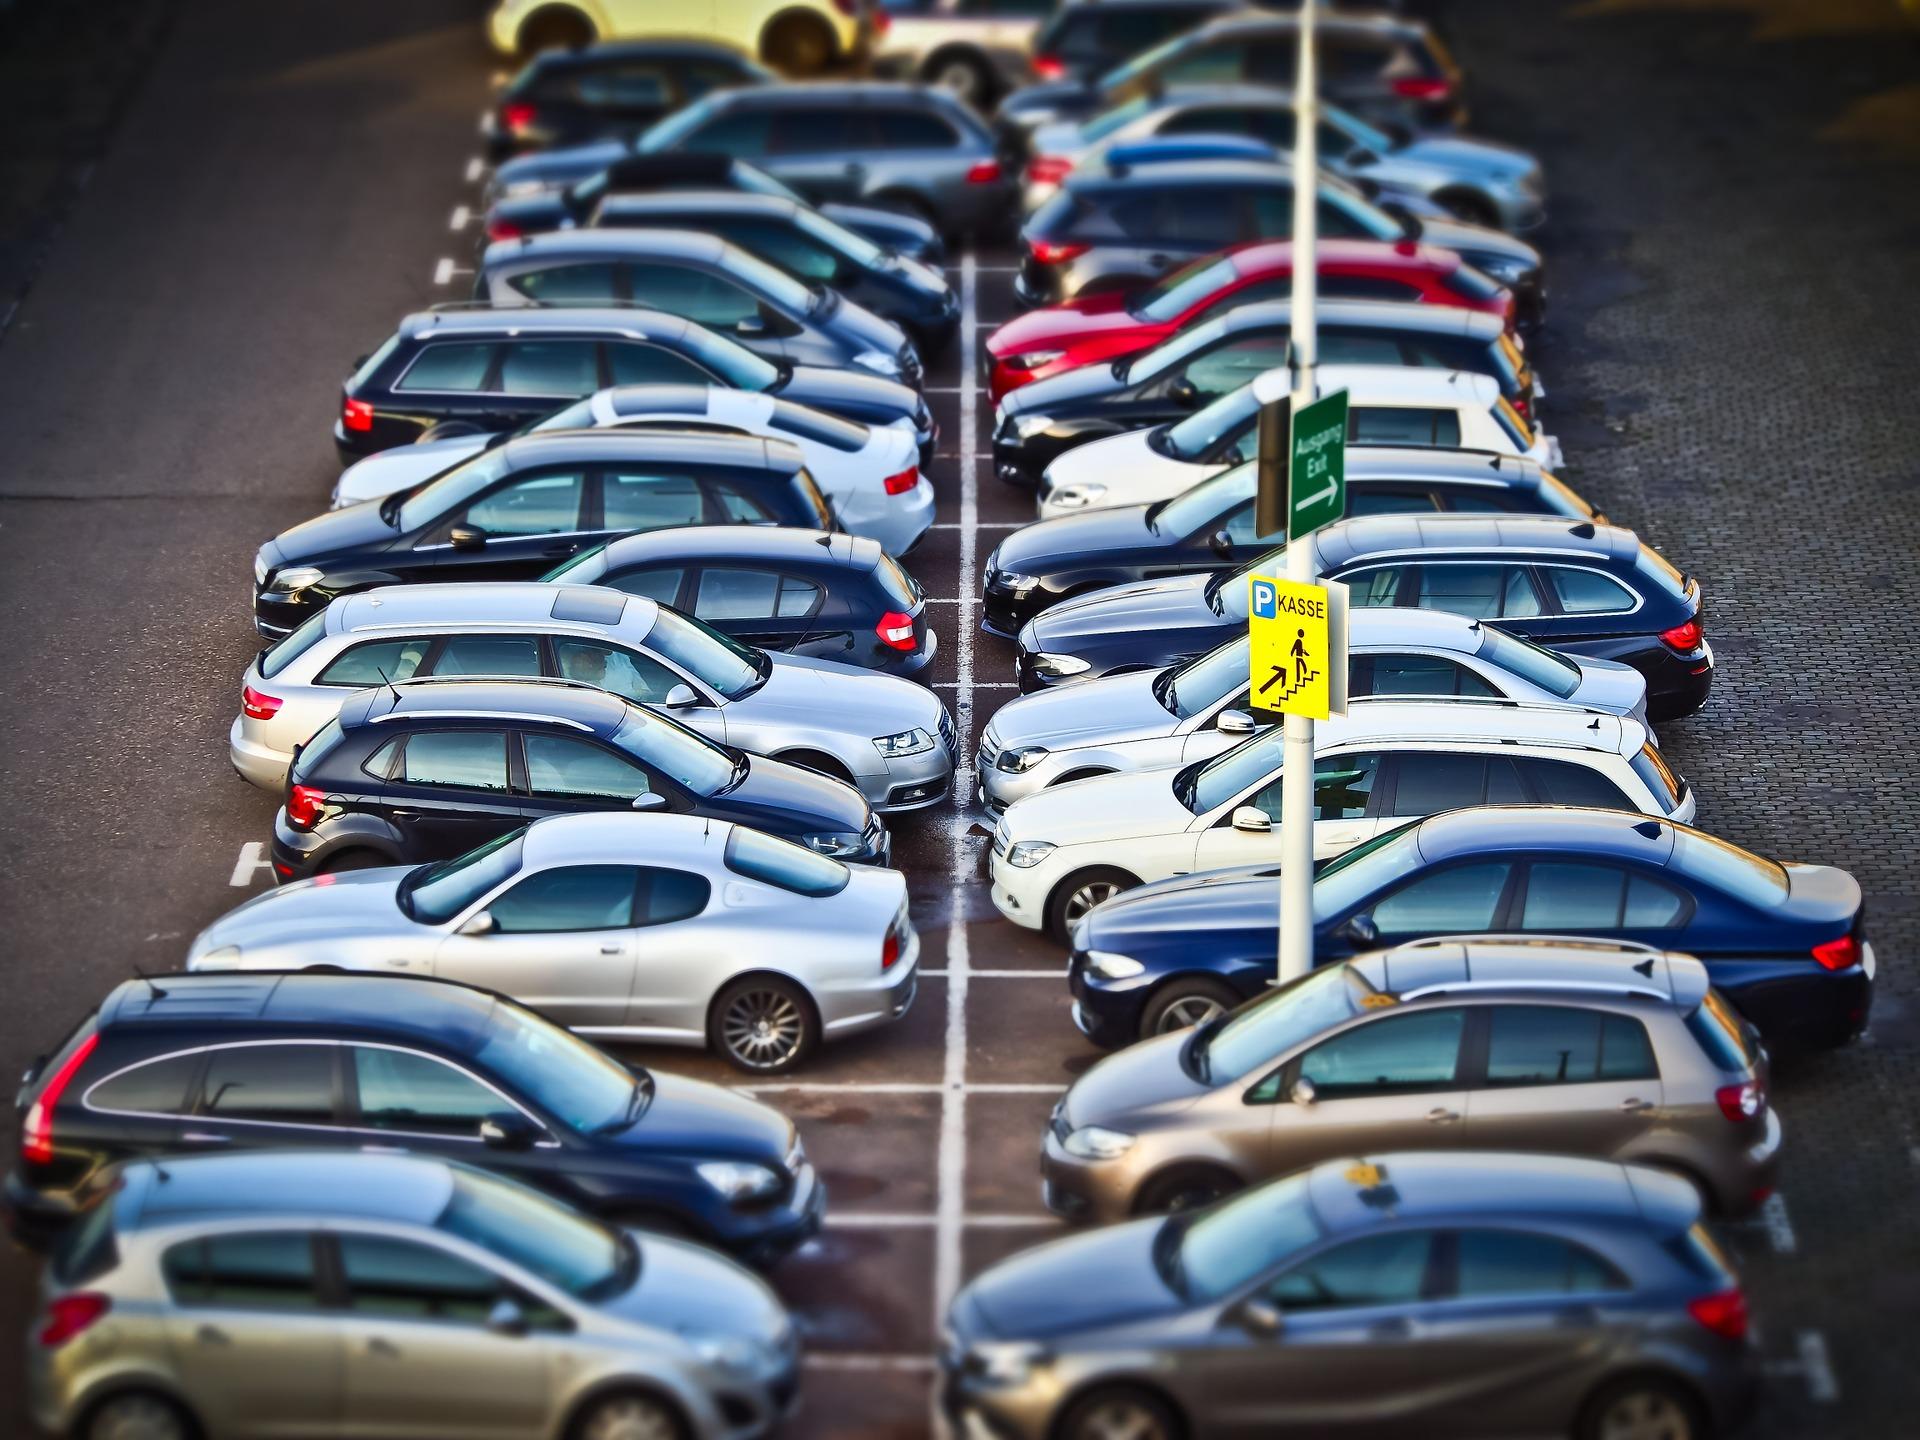 Київ переходить на безготівкову оплату парковок